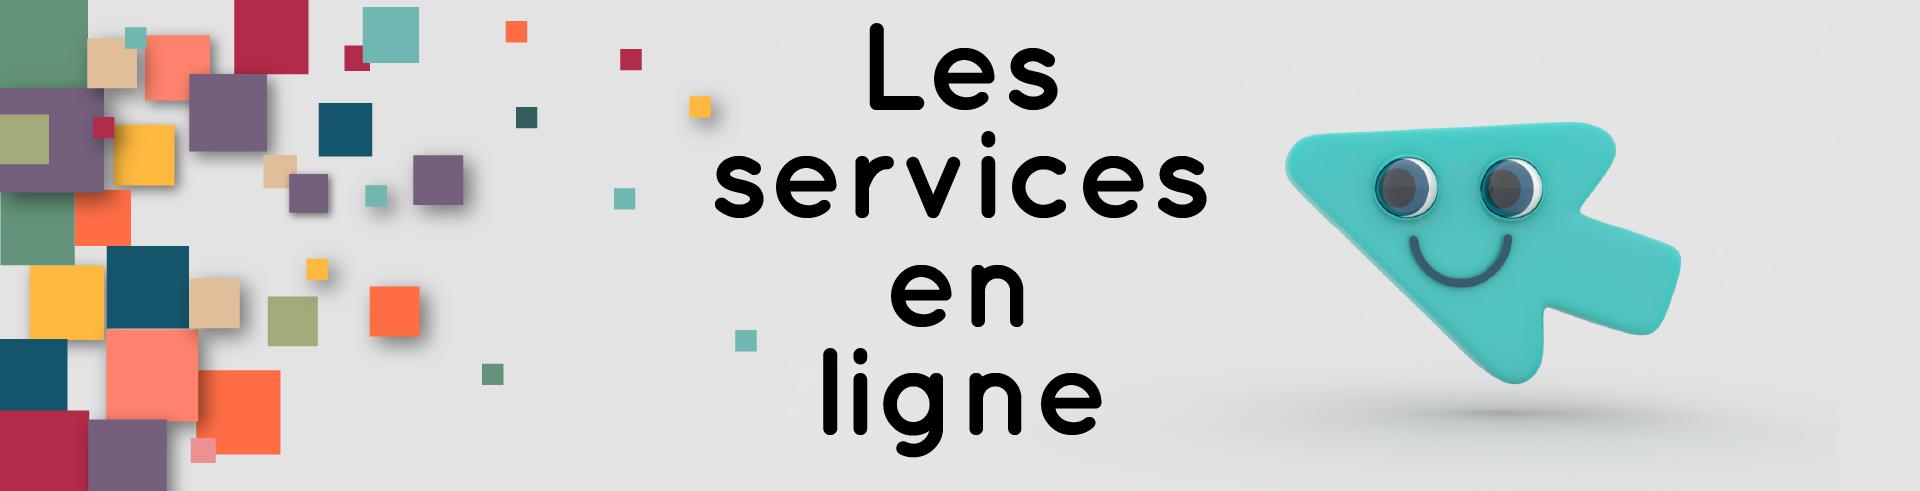 Fasil-Les services en ligne